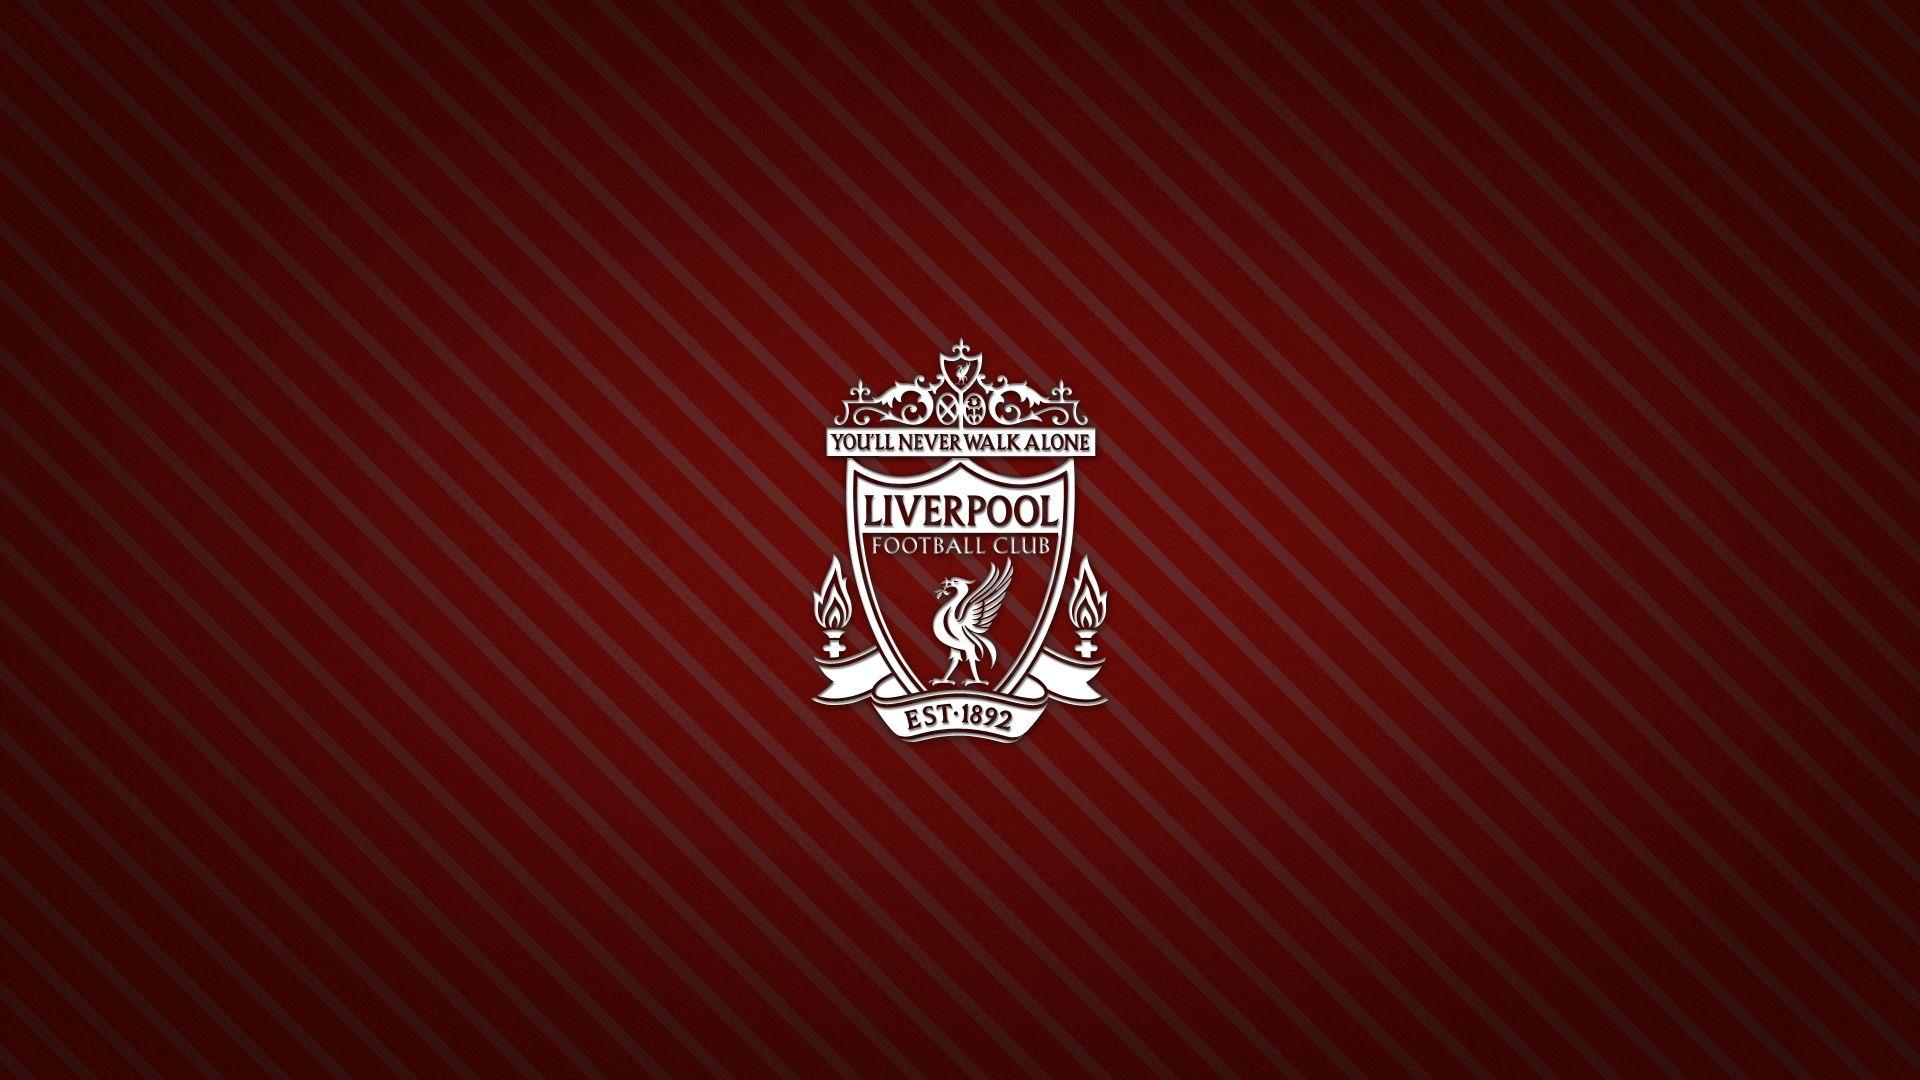 download 240x320 3d liverpool fc screensaver free wallpaper to mobile. Liverpool FC Wallpapers Screensavers   WallpaperSafari